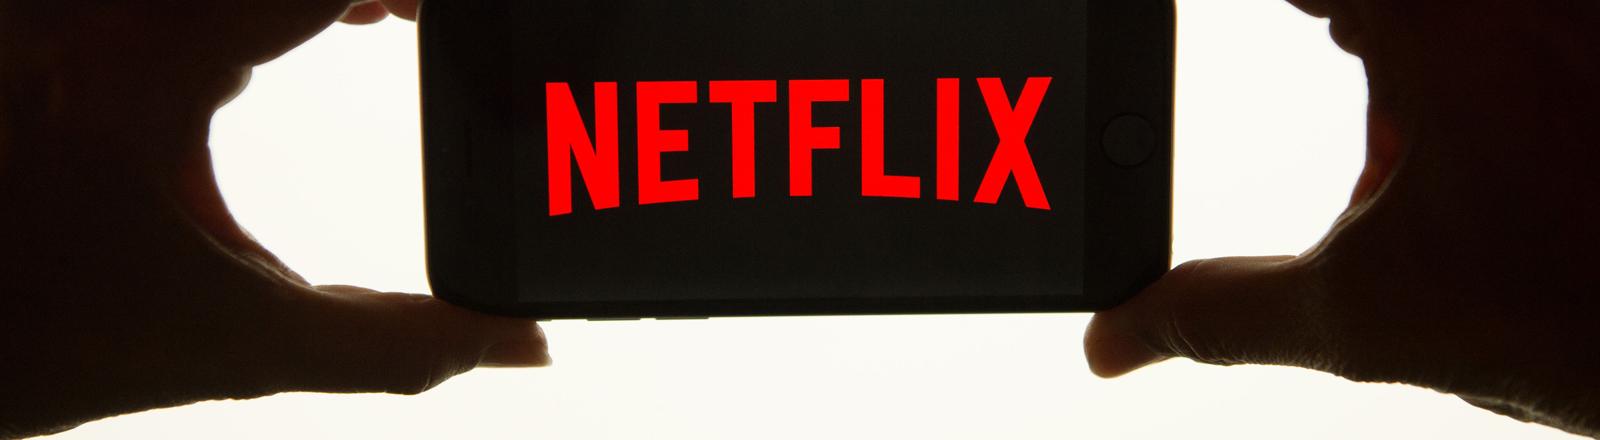 Das Netflix-Logo auf einem Smartphone